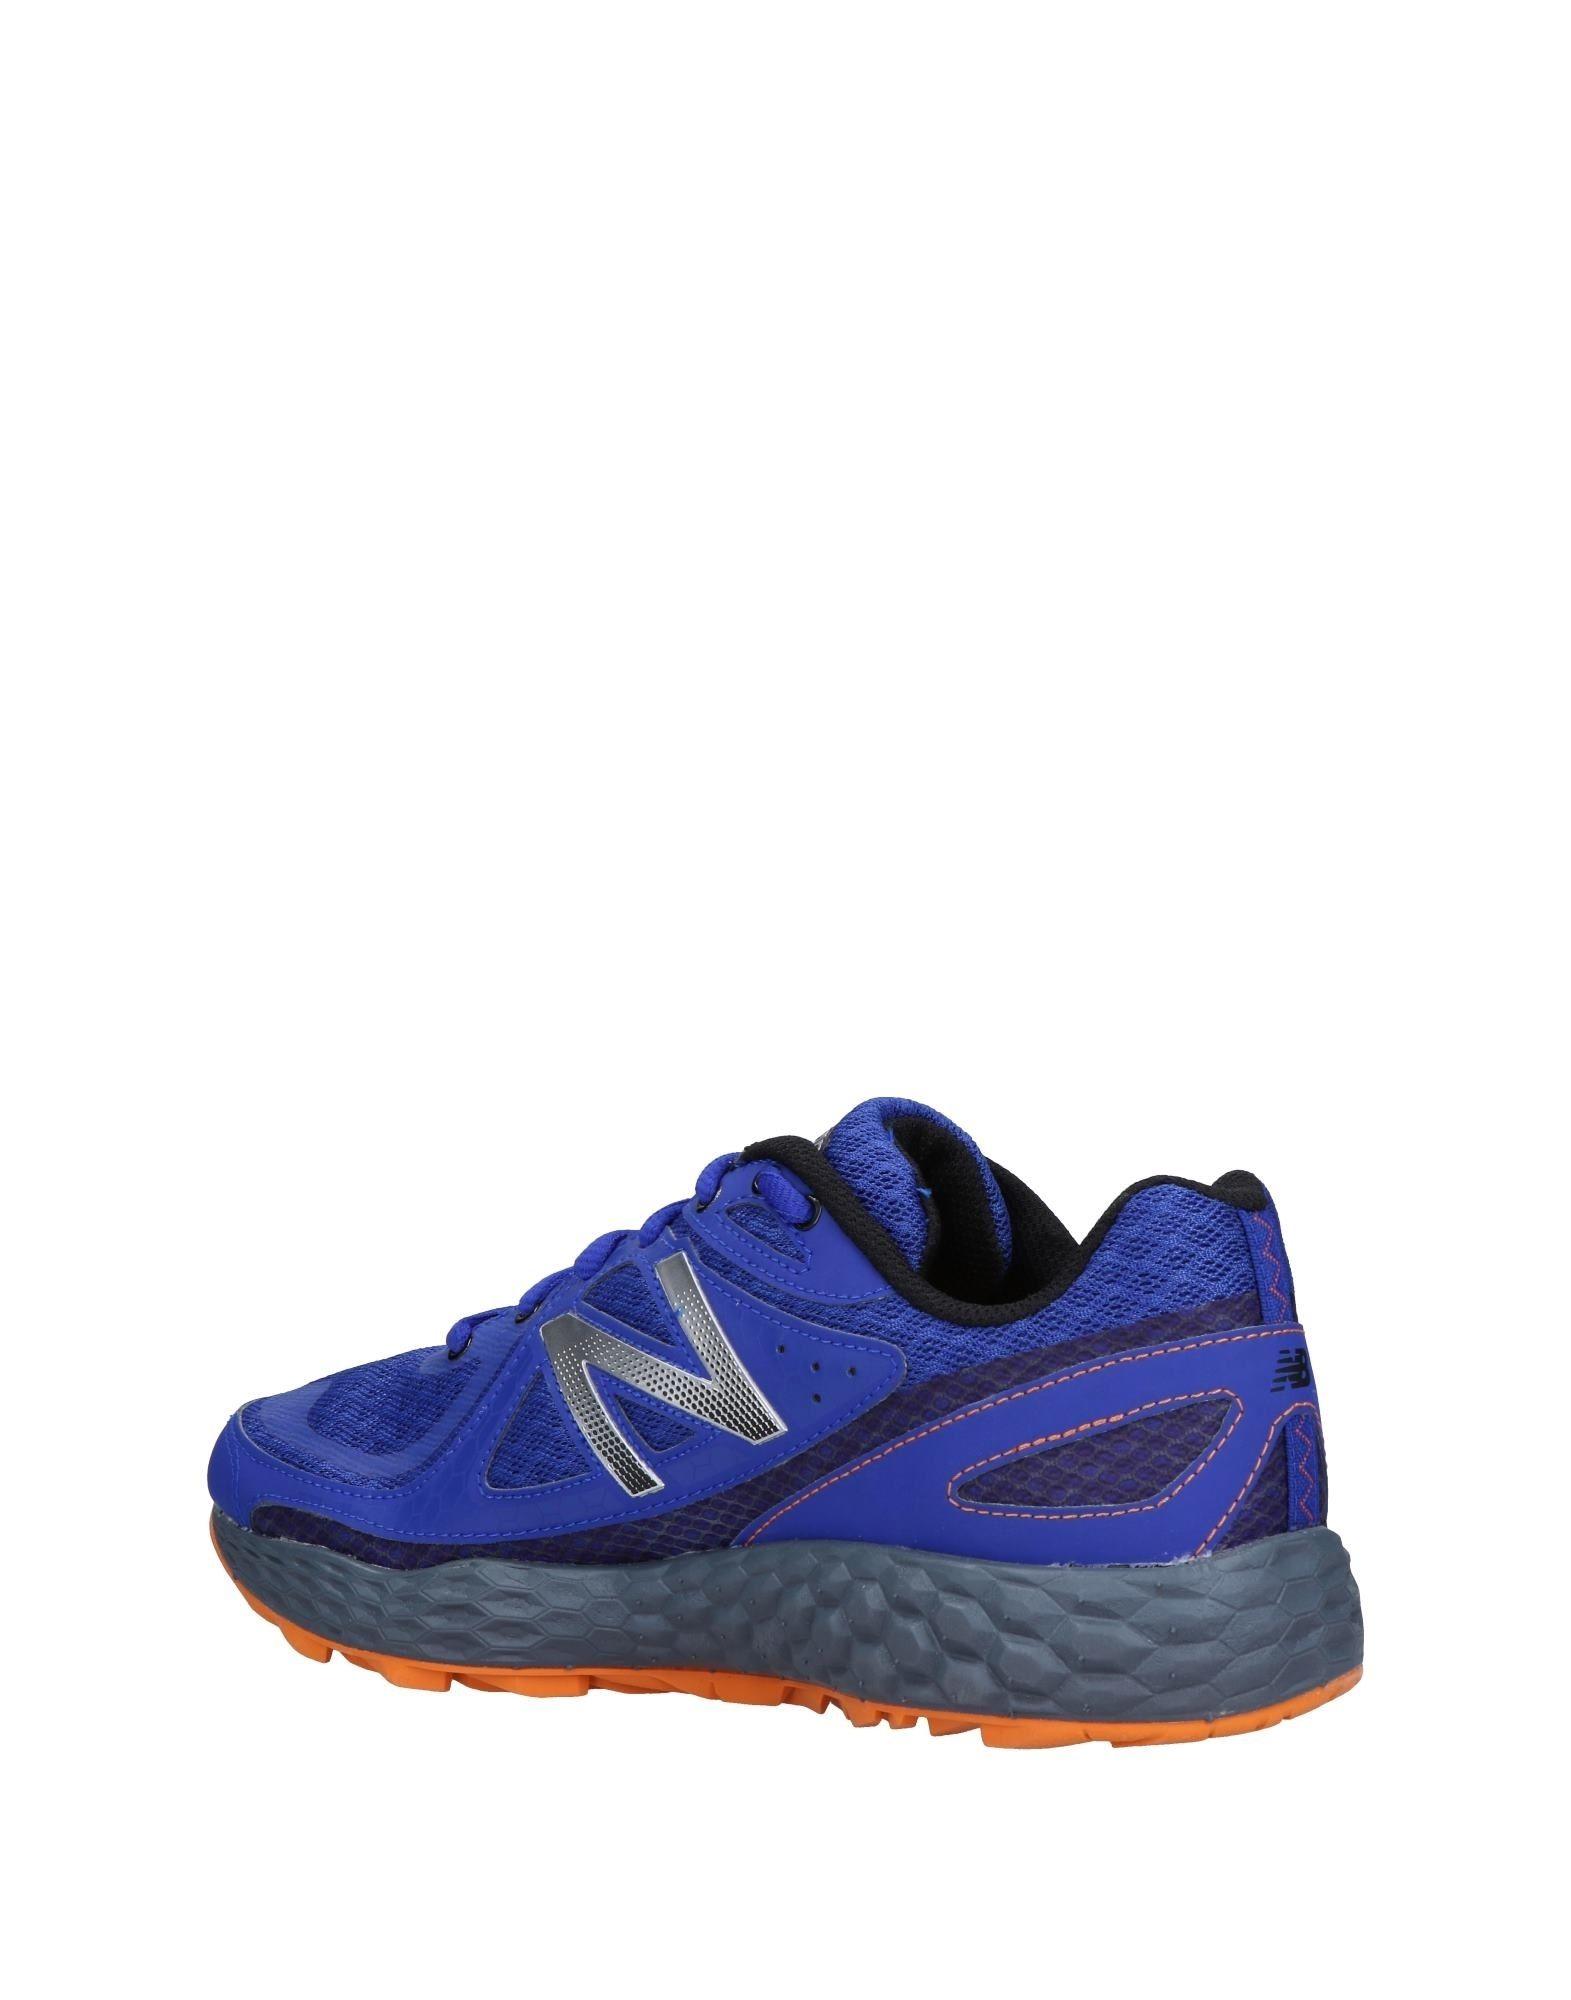 Rabatt echte Schuhe Herren New Balance Sneakers Herren Schuhe  11501173UP 92de6f